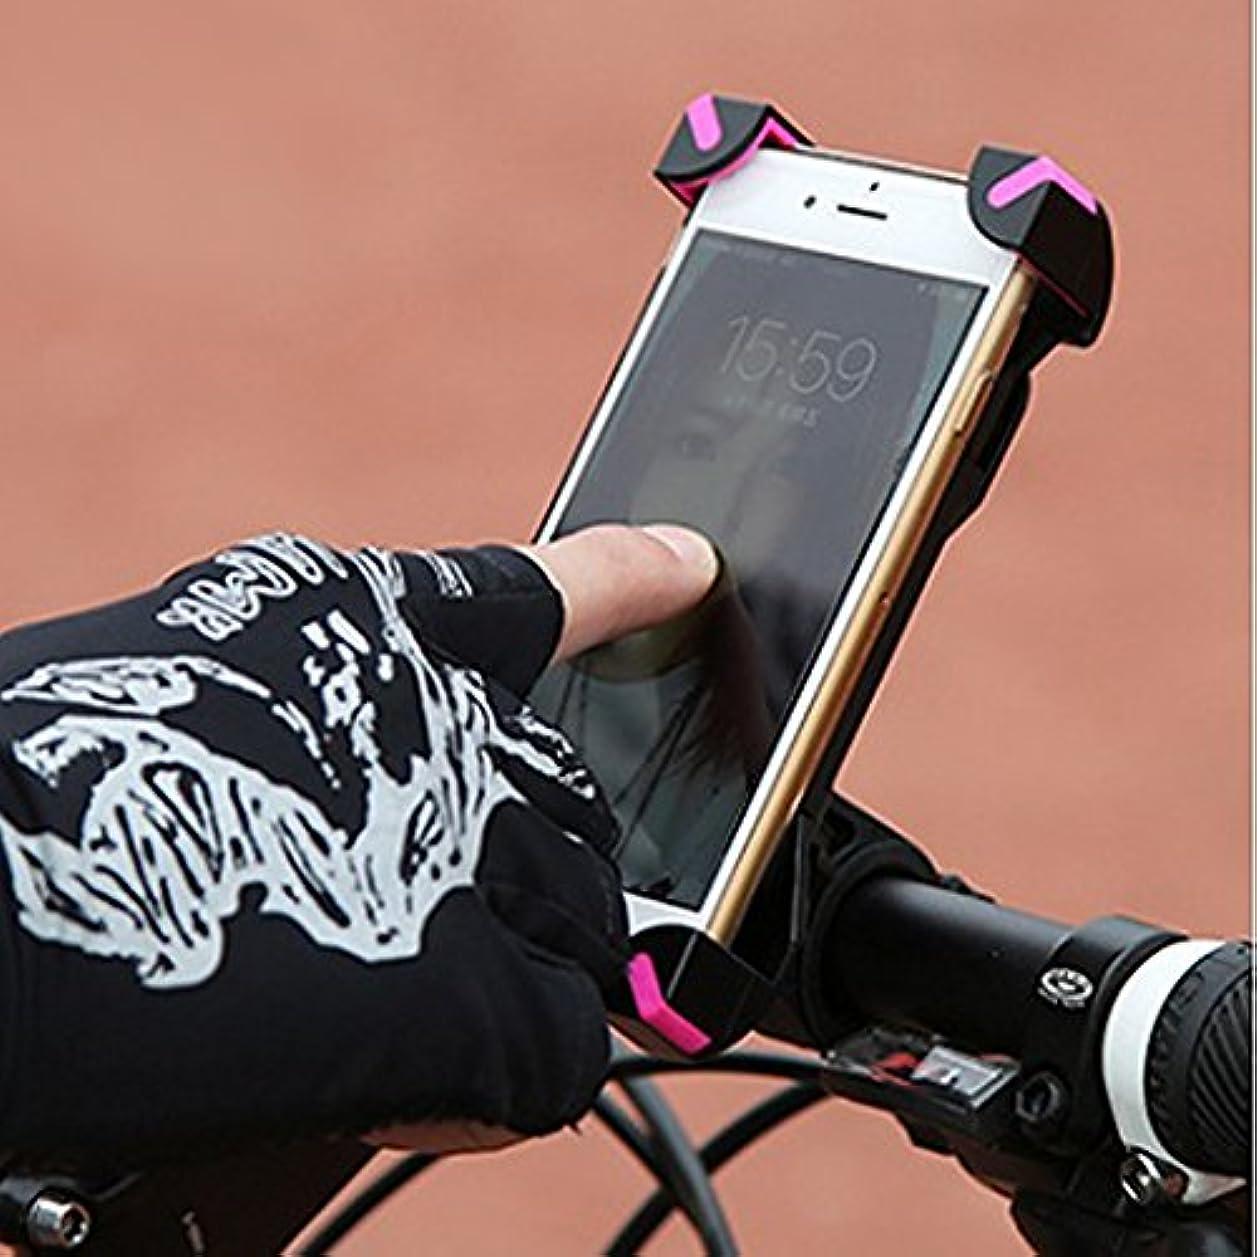 エクスタシー証言する急行するDemiawaking 自転車?オートバイク携帯ホルダー  バイクスタンド  スマホ ?iPhone?端末固定用マウントキット